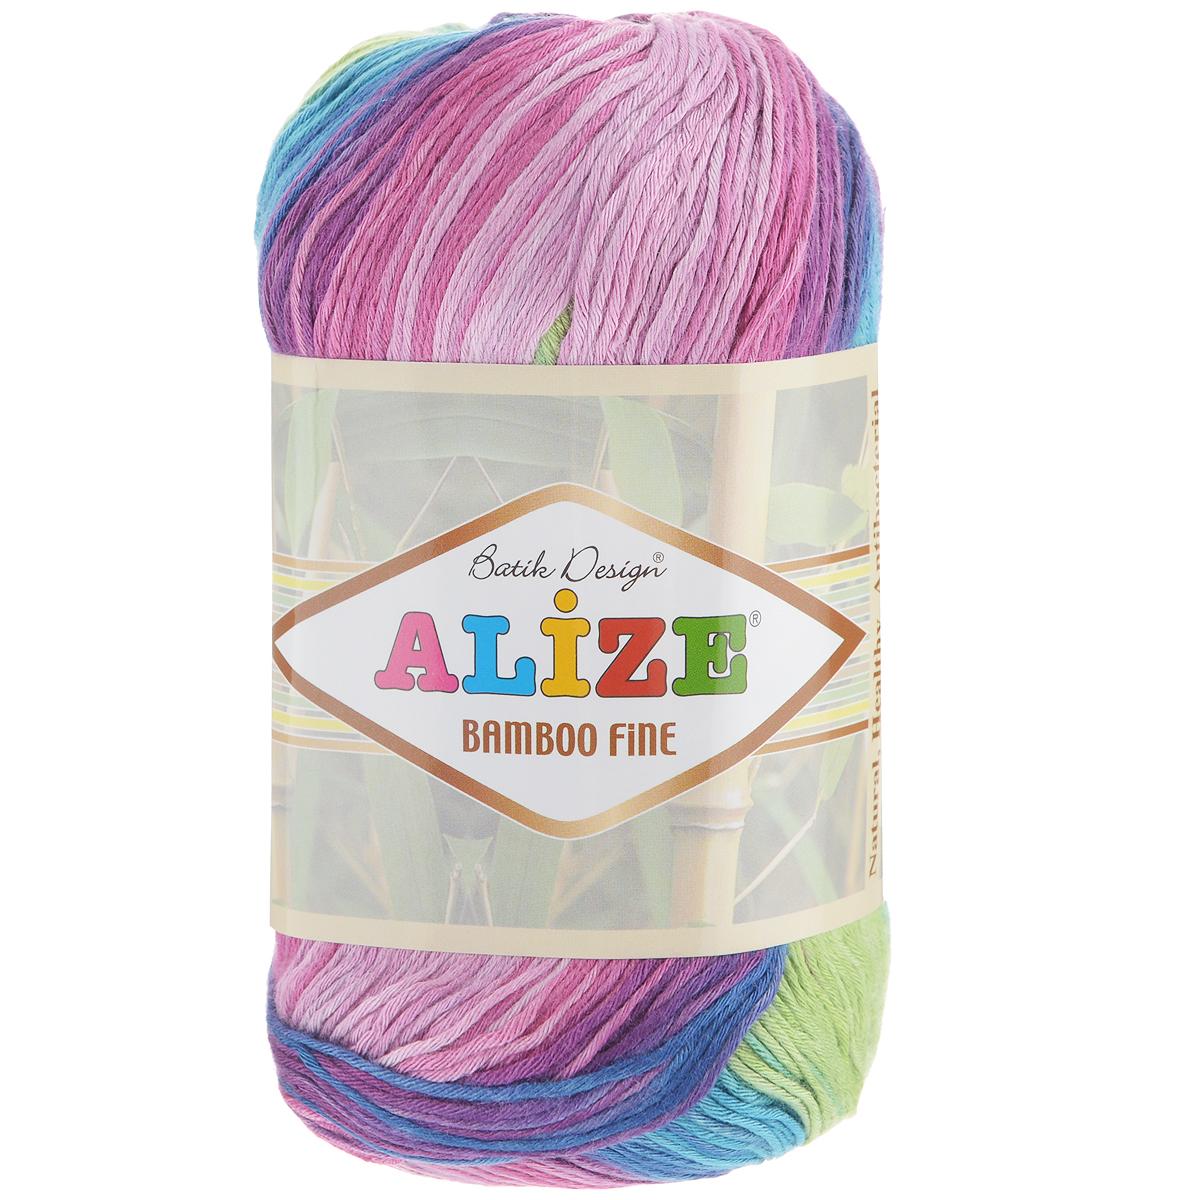 Пряжа для вязания Alize Bamboo Fine, цвет: зеленый, синий, фиолетовый (3260), 440 м, 100 г, 5 шт пряжа для вязания alize bamboo fine цвет зеленый синий фиолетовый 3260 440 м 100 г 5 шт